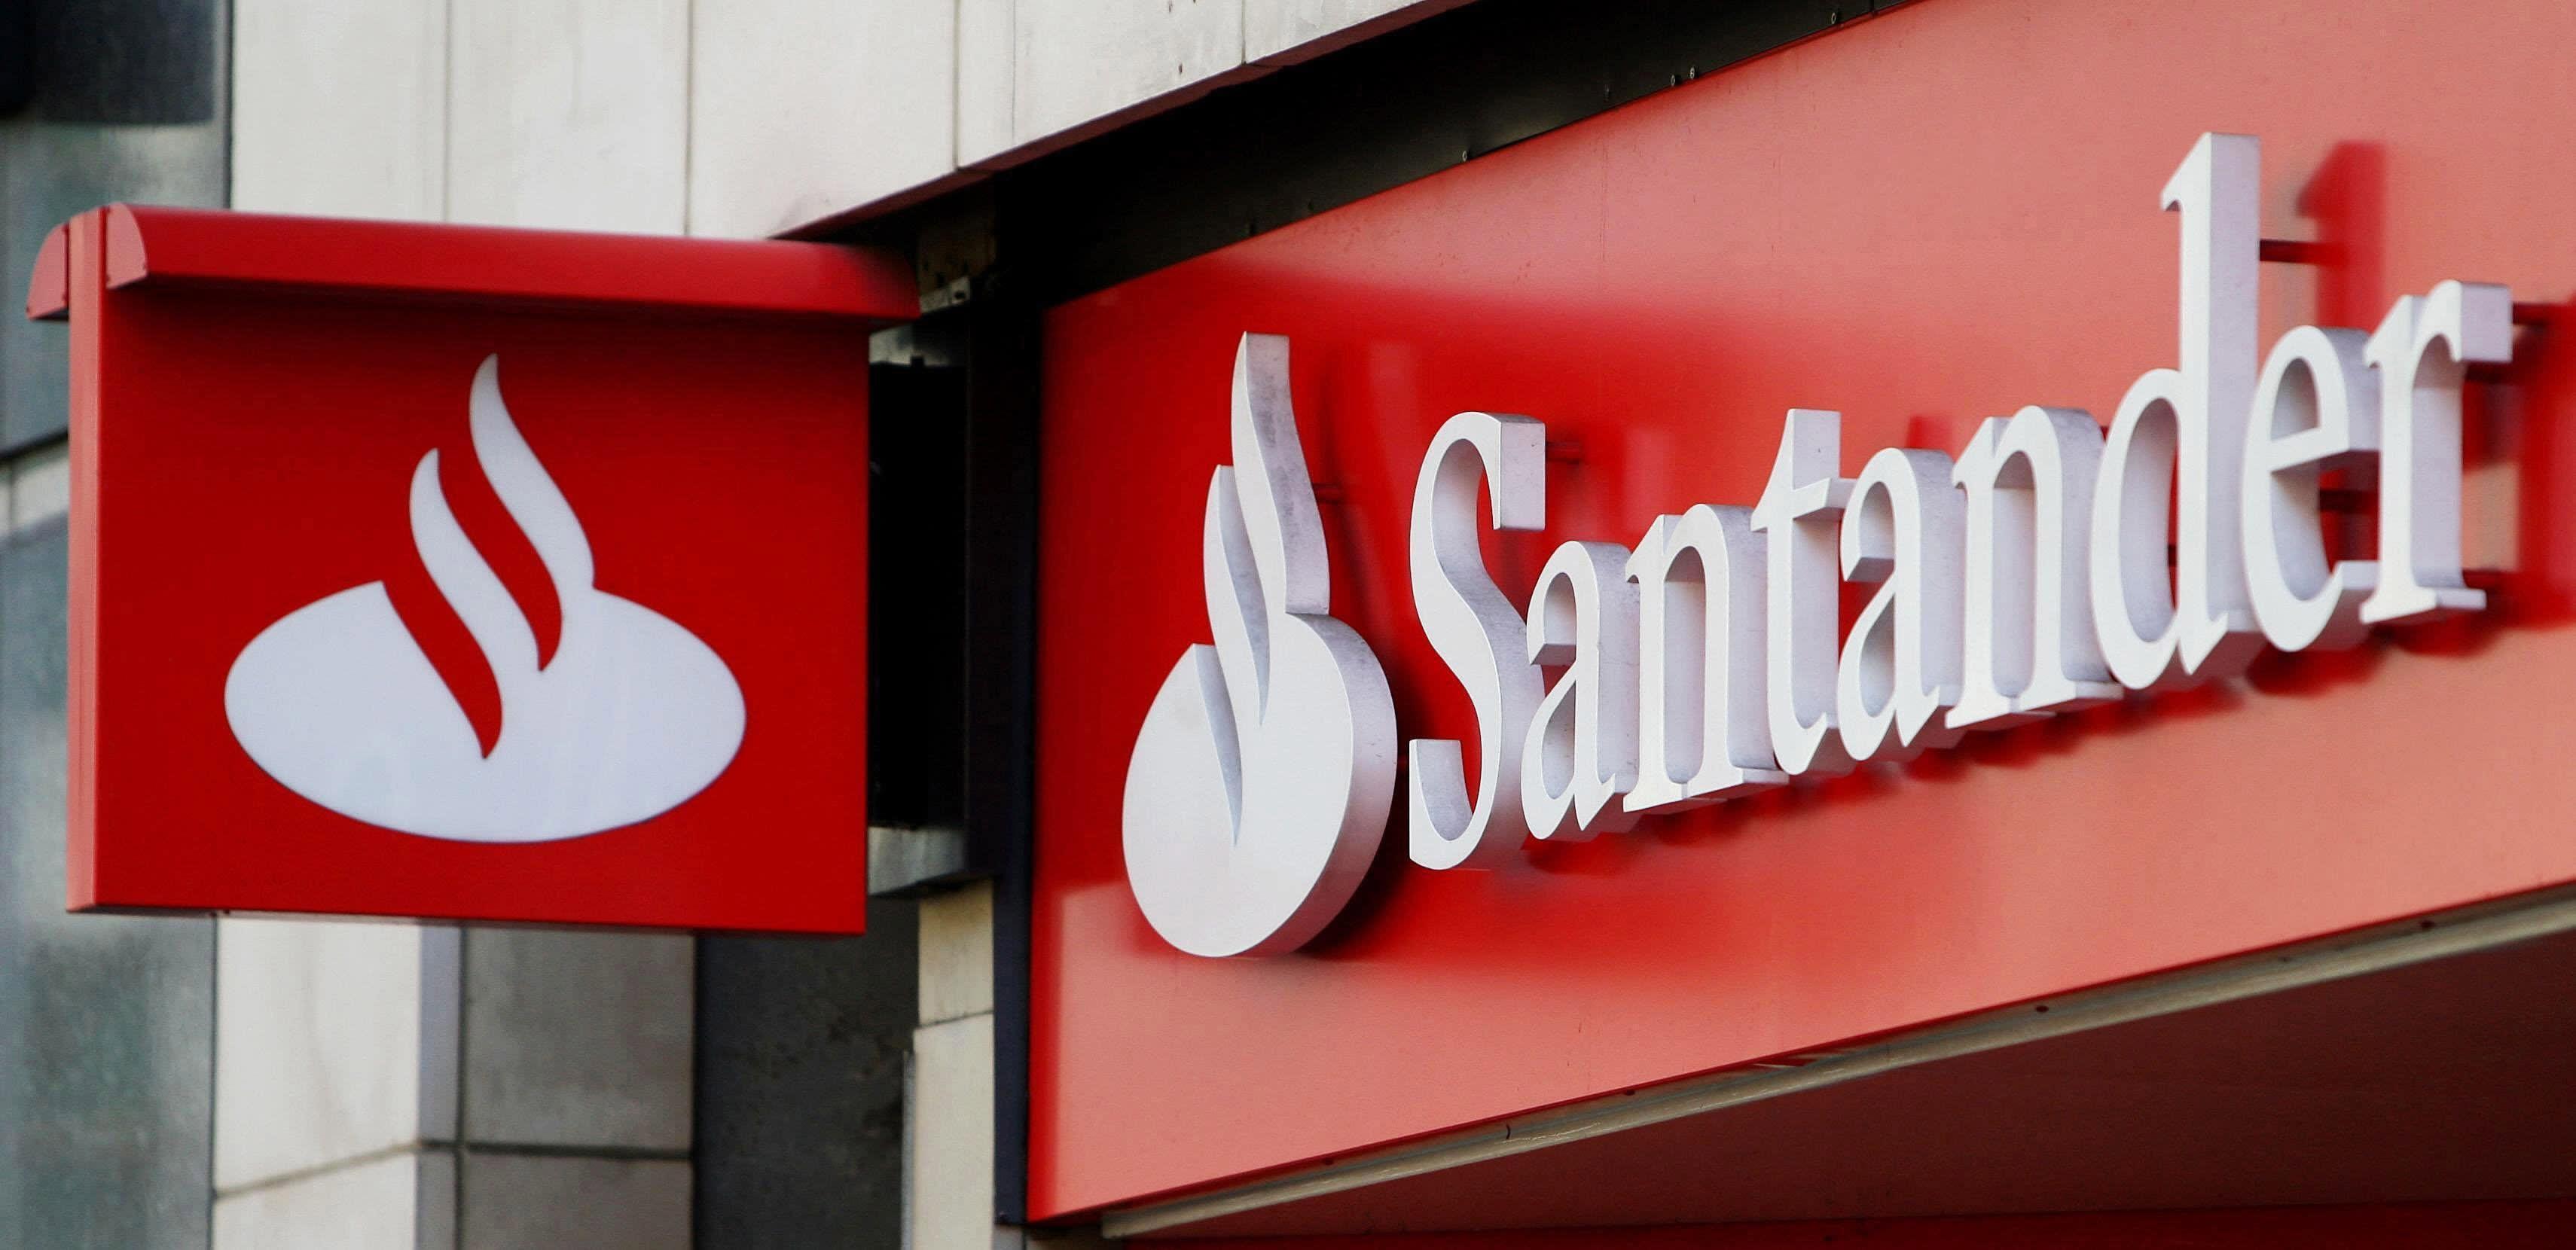 Santander profits drop amid cost pressures